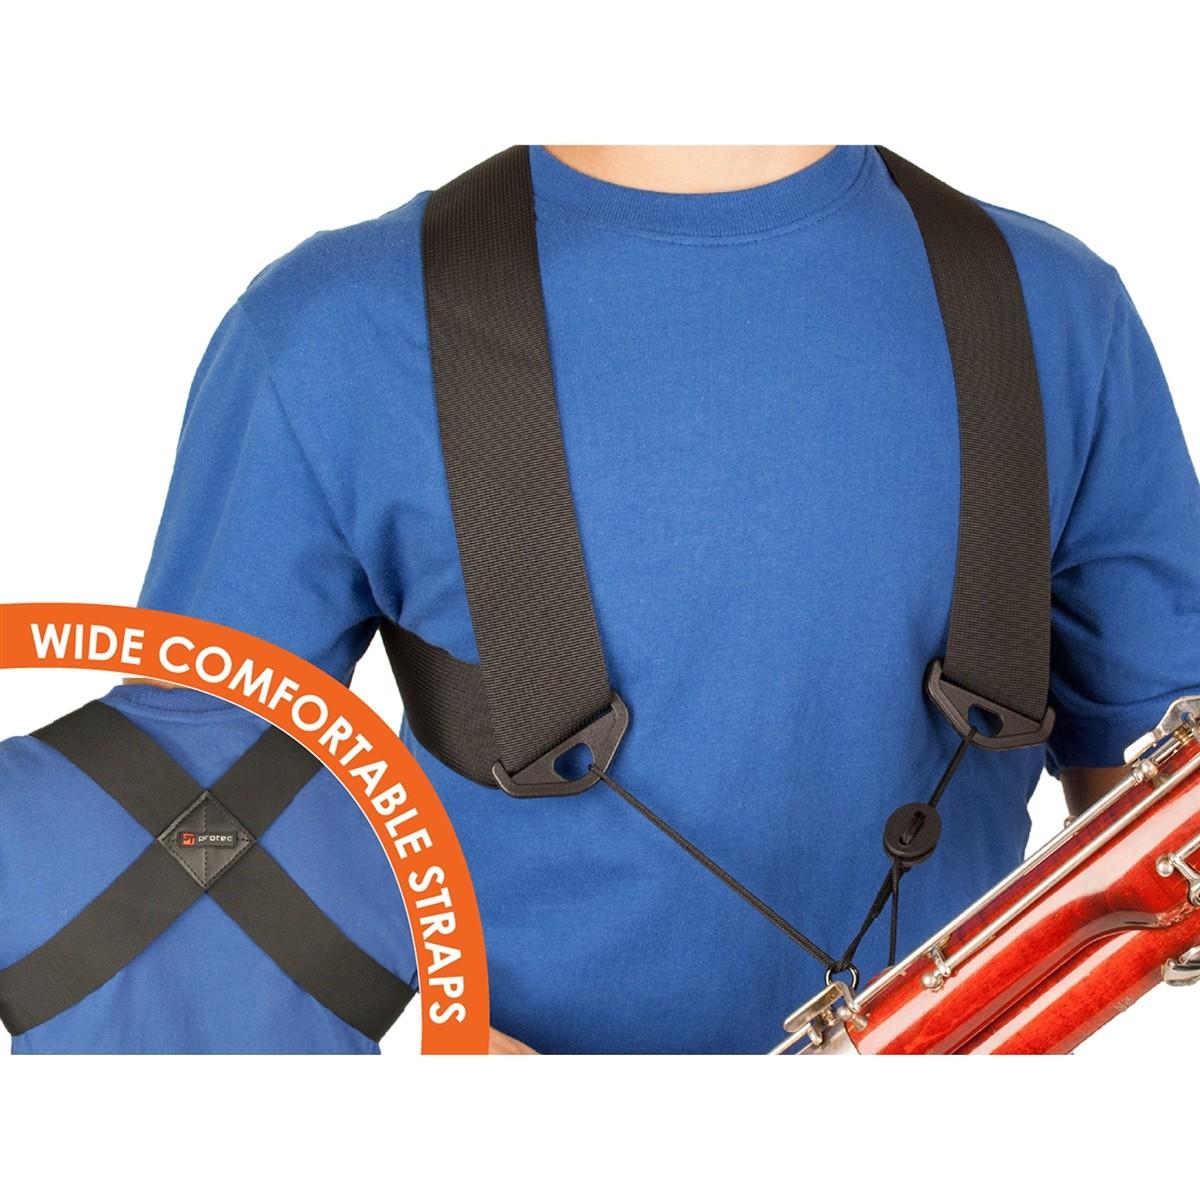 Protec Bassoon Nylon Harness (A301MED) - Medium Unisex